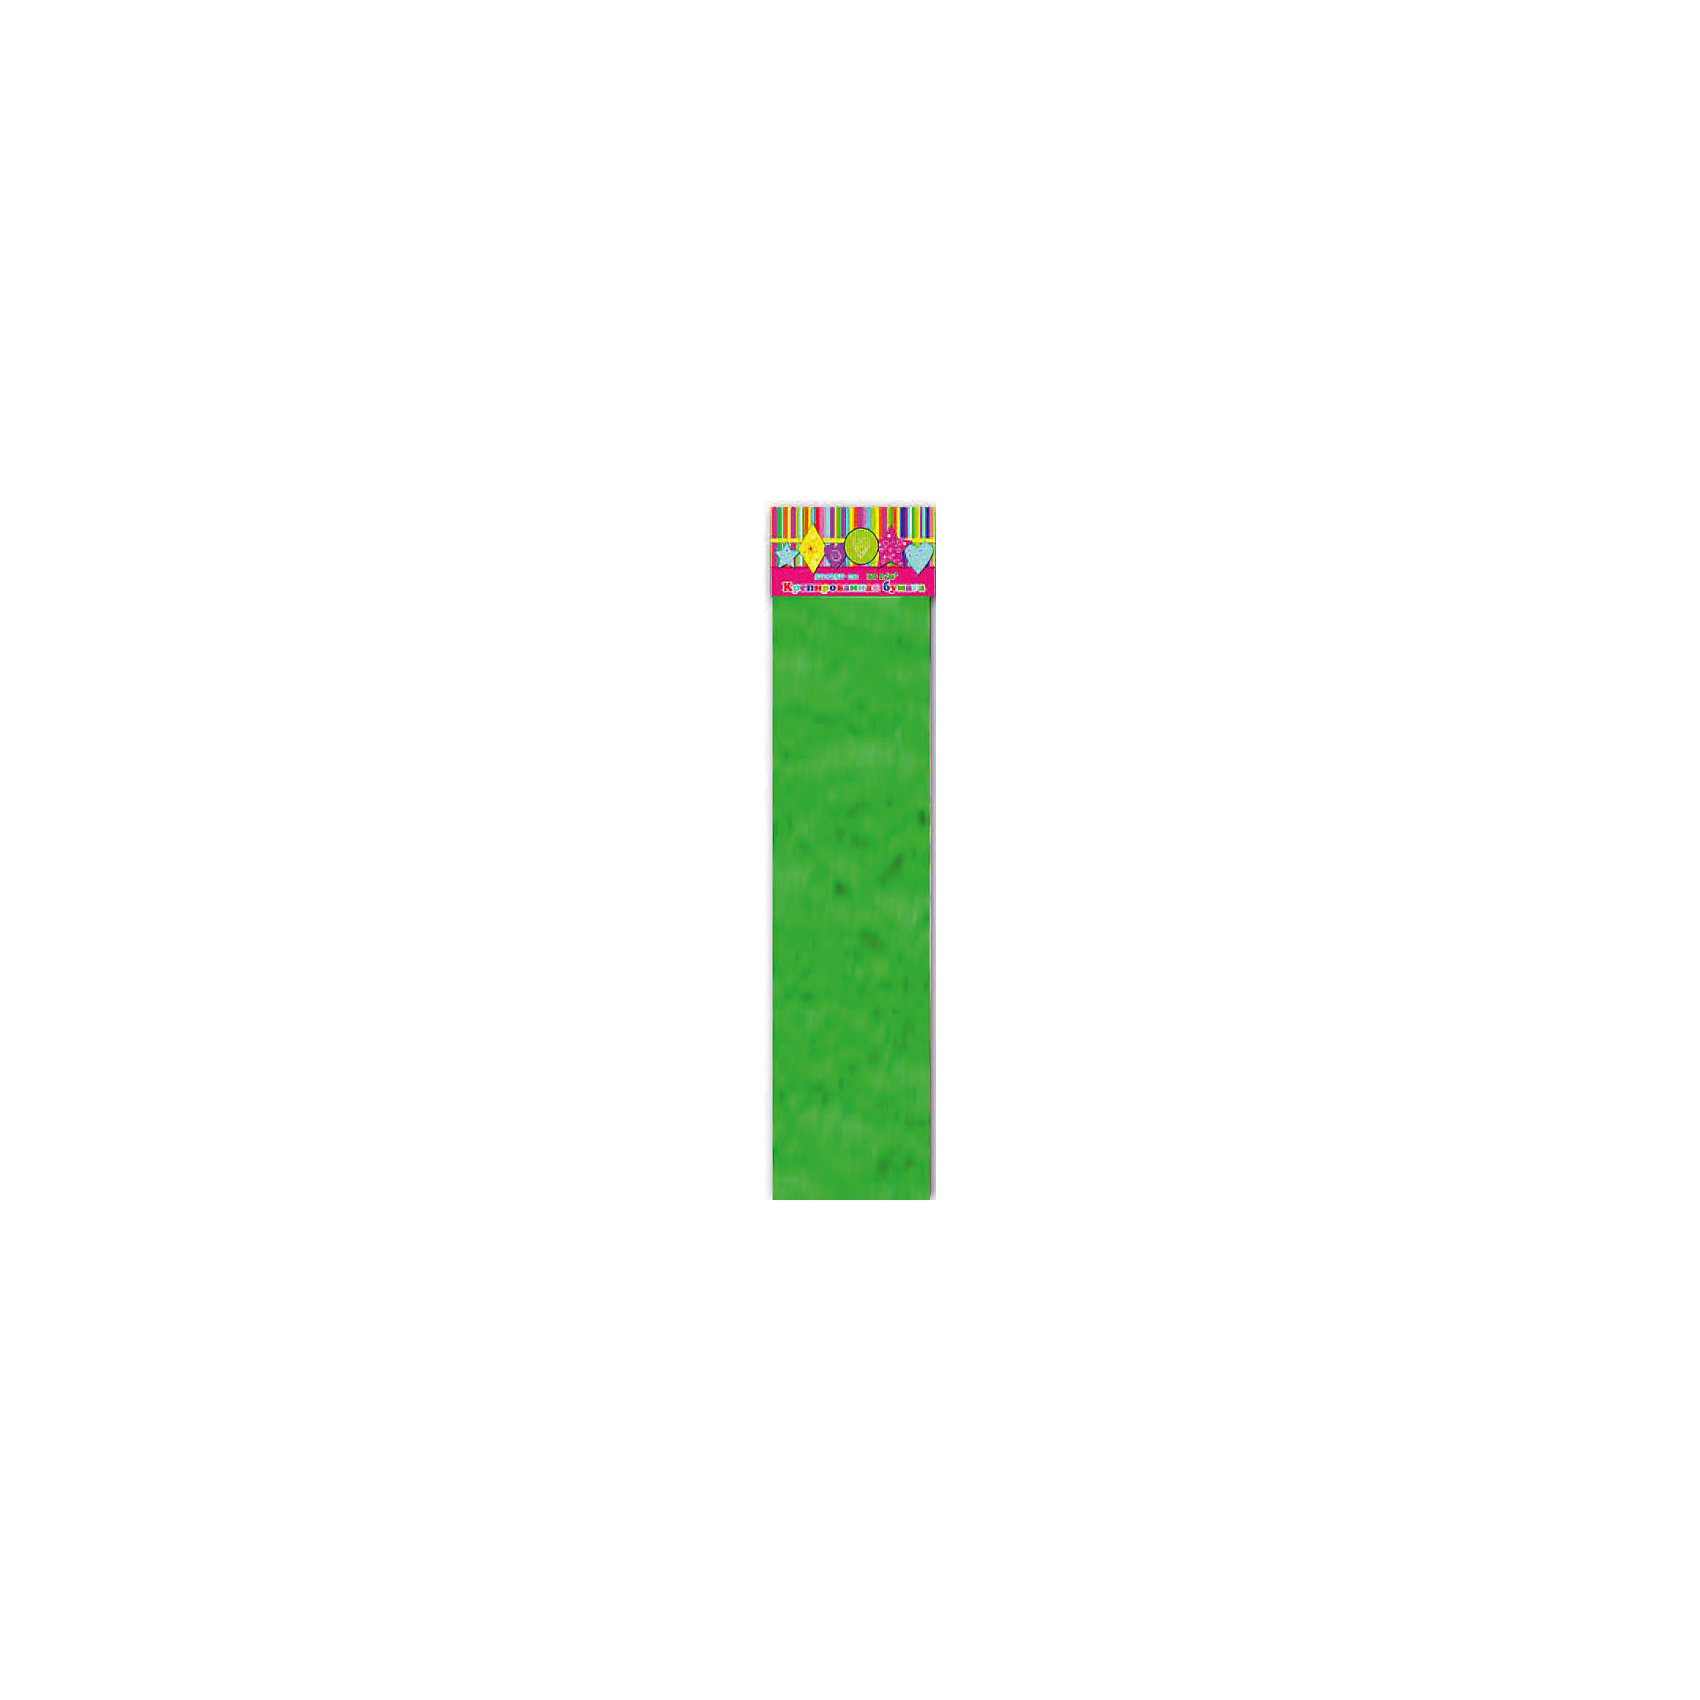 Бумага зеленая эластичная крепированнаяРукоделие<br>Изумительная крепированная бумага зеленого цвета, из нее Ваш малыш сможет сделать множество ярких цветов или другие поделки.<br><br>Дополнительная информация:<br><br>- Возраст: от 3 лет.<br>- 1 лист.<br>- Цвет: зеленый.<br>- Материал: бумага.<br>- Размеры: 50х250 см.<br>- Размер упаковки: 51х10х0,5 см.<br>- Вес в упаковке: 40 г. <br><br>Купить крепированную эластичную бумагу в зеленом цвете, можно в нашем магазине.<br><br>Ширина мм: 510<br>Глубина мм: 100<br>Высота мм: 5<br>Вес г: 40<br>Возраст от месяцев: 36<br>Возраст до месяцев: 2147483647<br>Пол: Унисекс<br>Возраст: Детский<br>SKU: 4943532